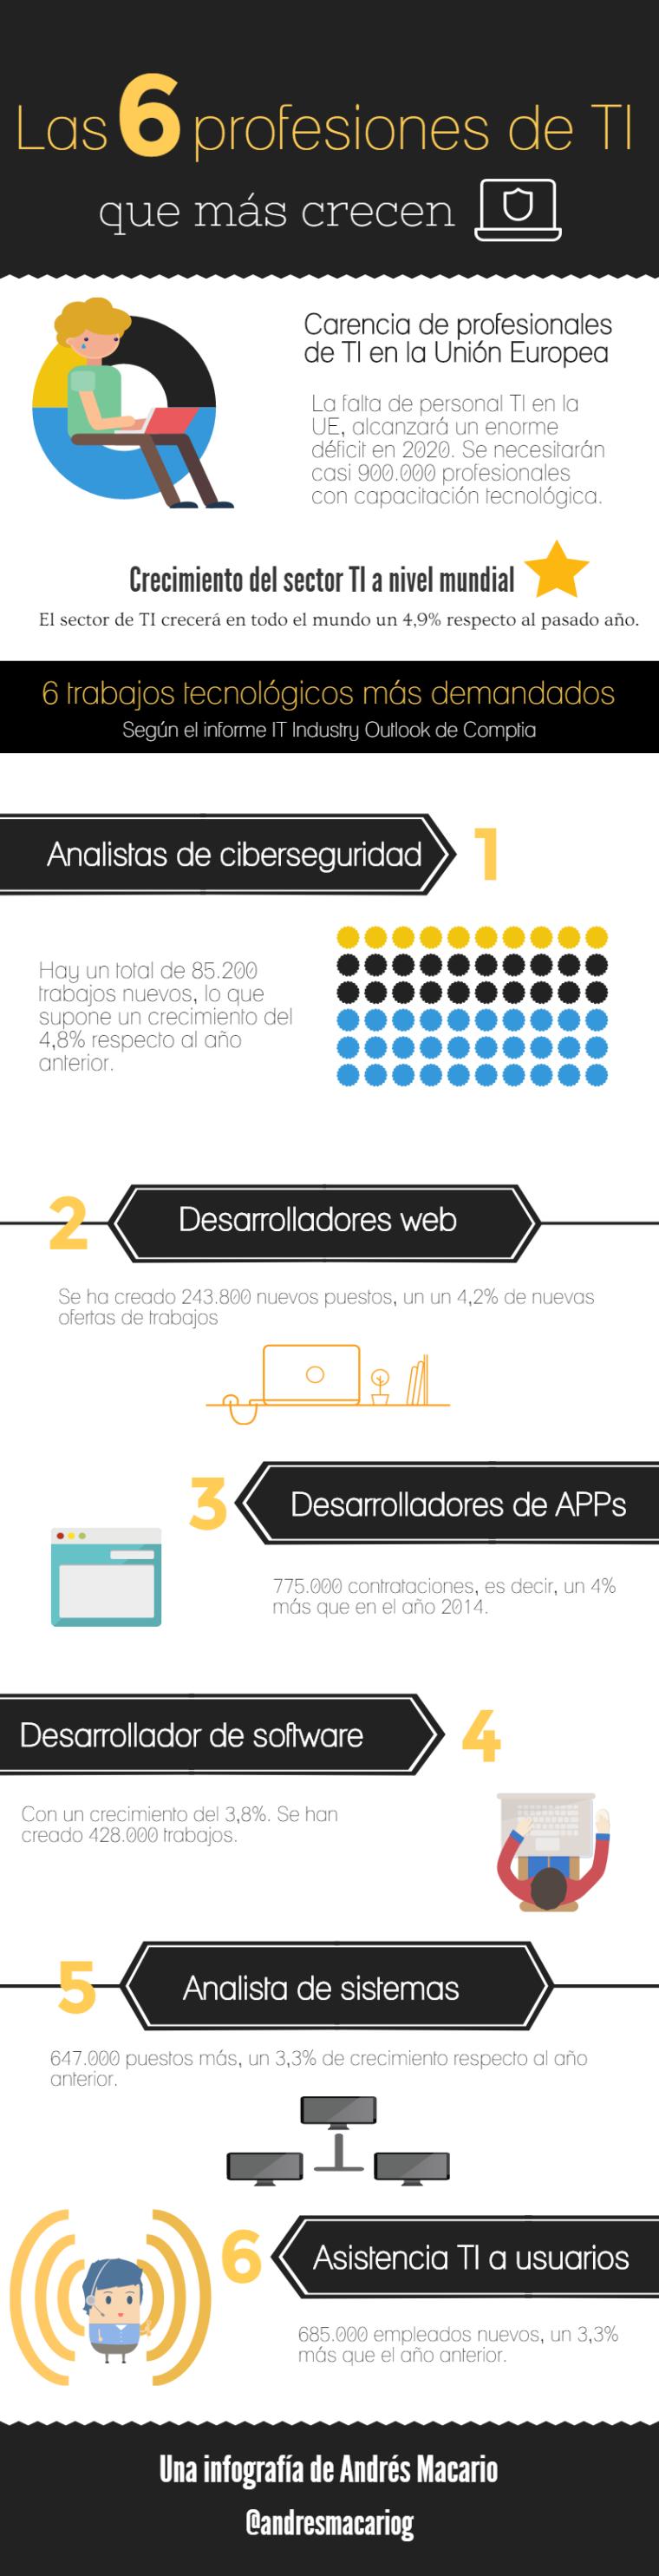 6-profesiones-de-ti-que-mas-crecen-infografia-andres-macario